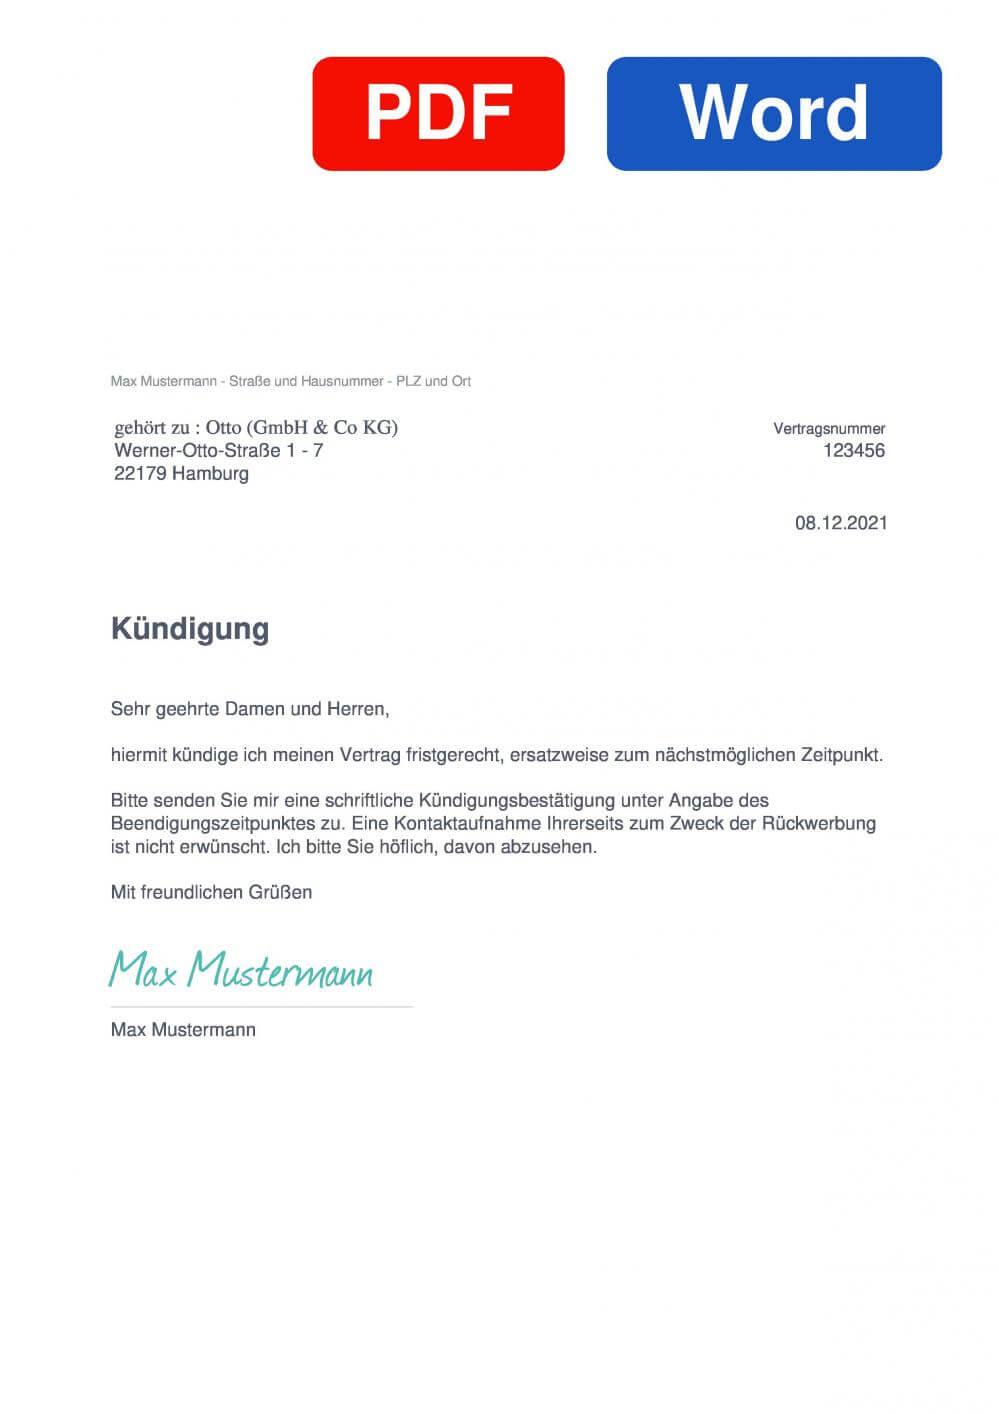 Neckermann Muster Vorlage für Kündigungsschreiben